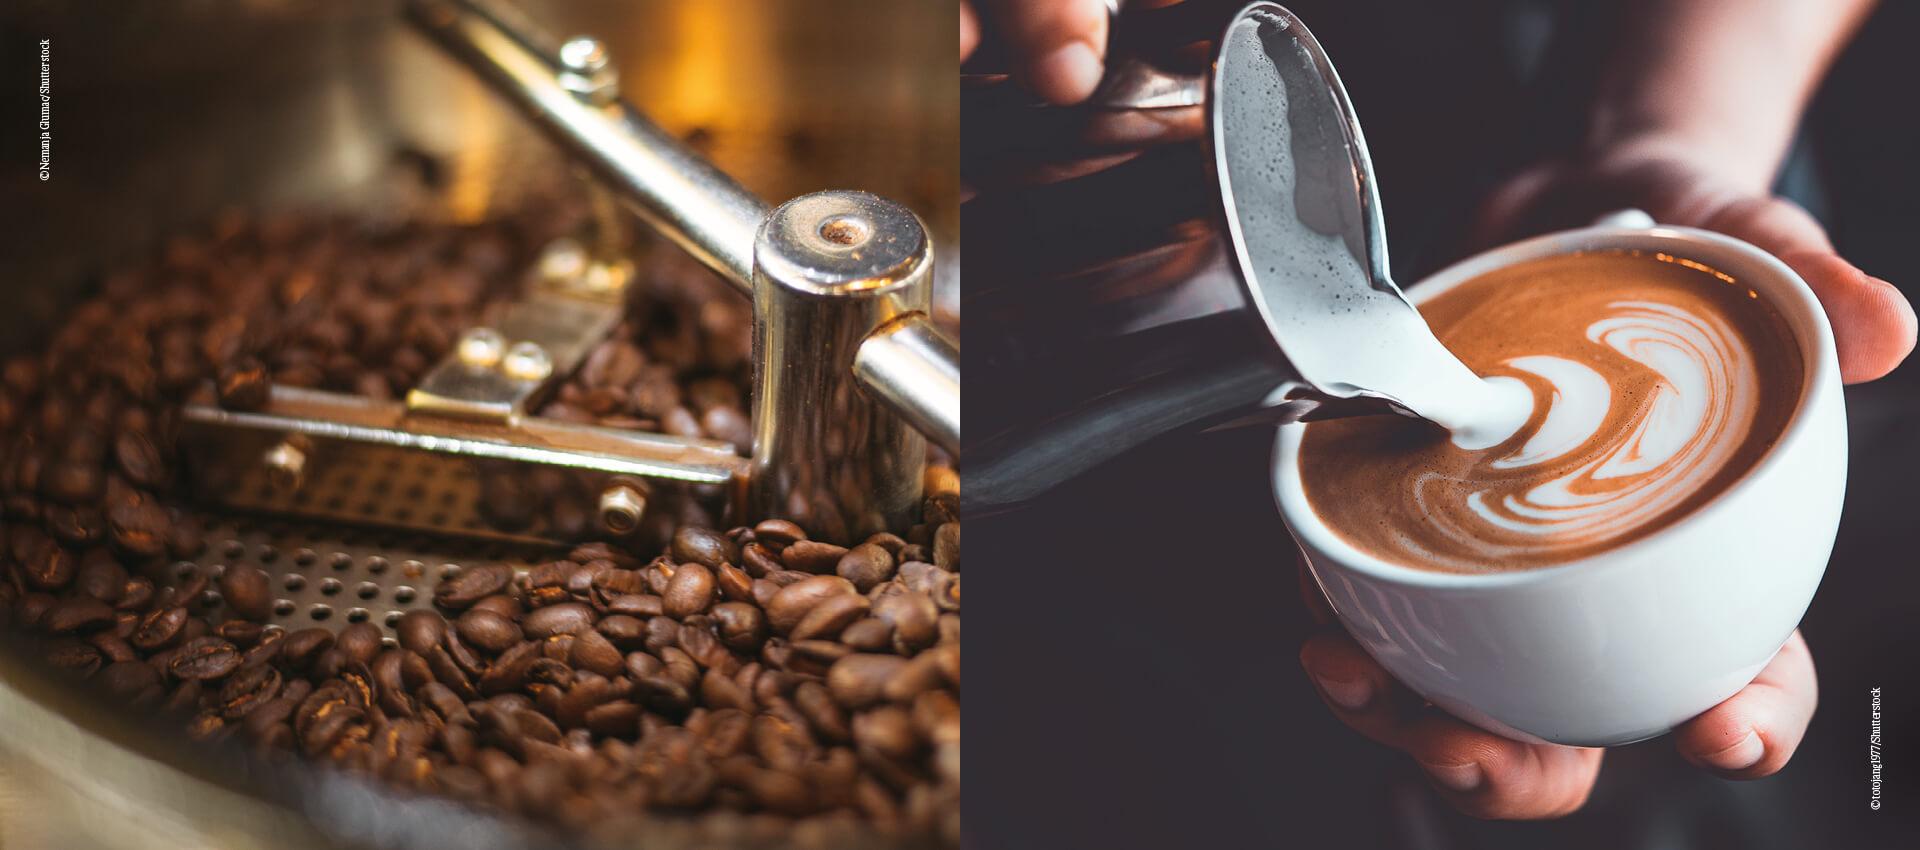 Kaffee_Röstung_Milchschaum